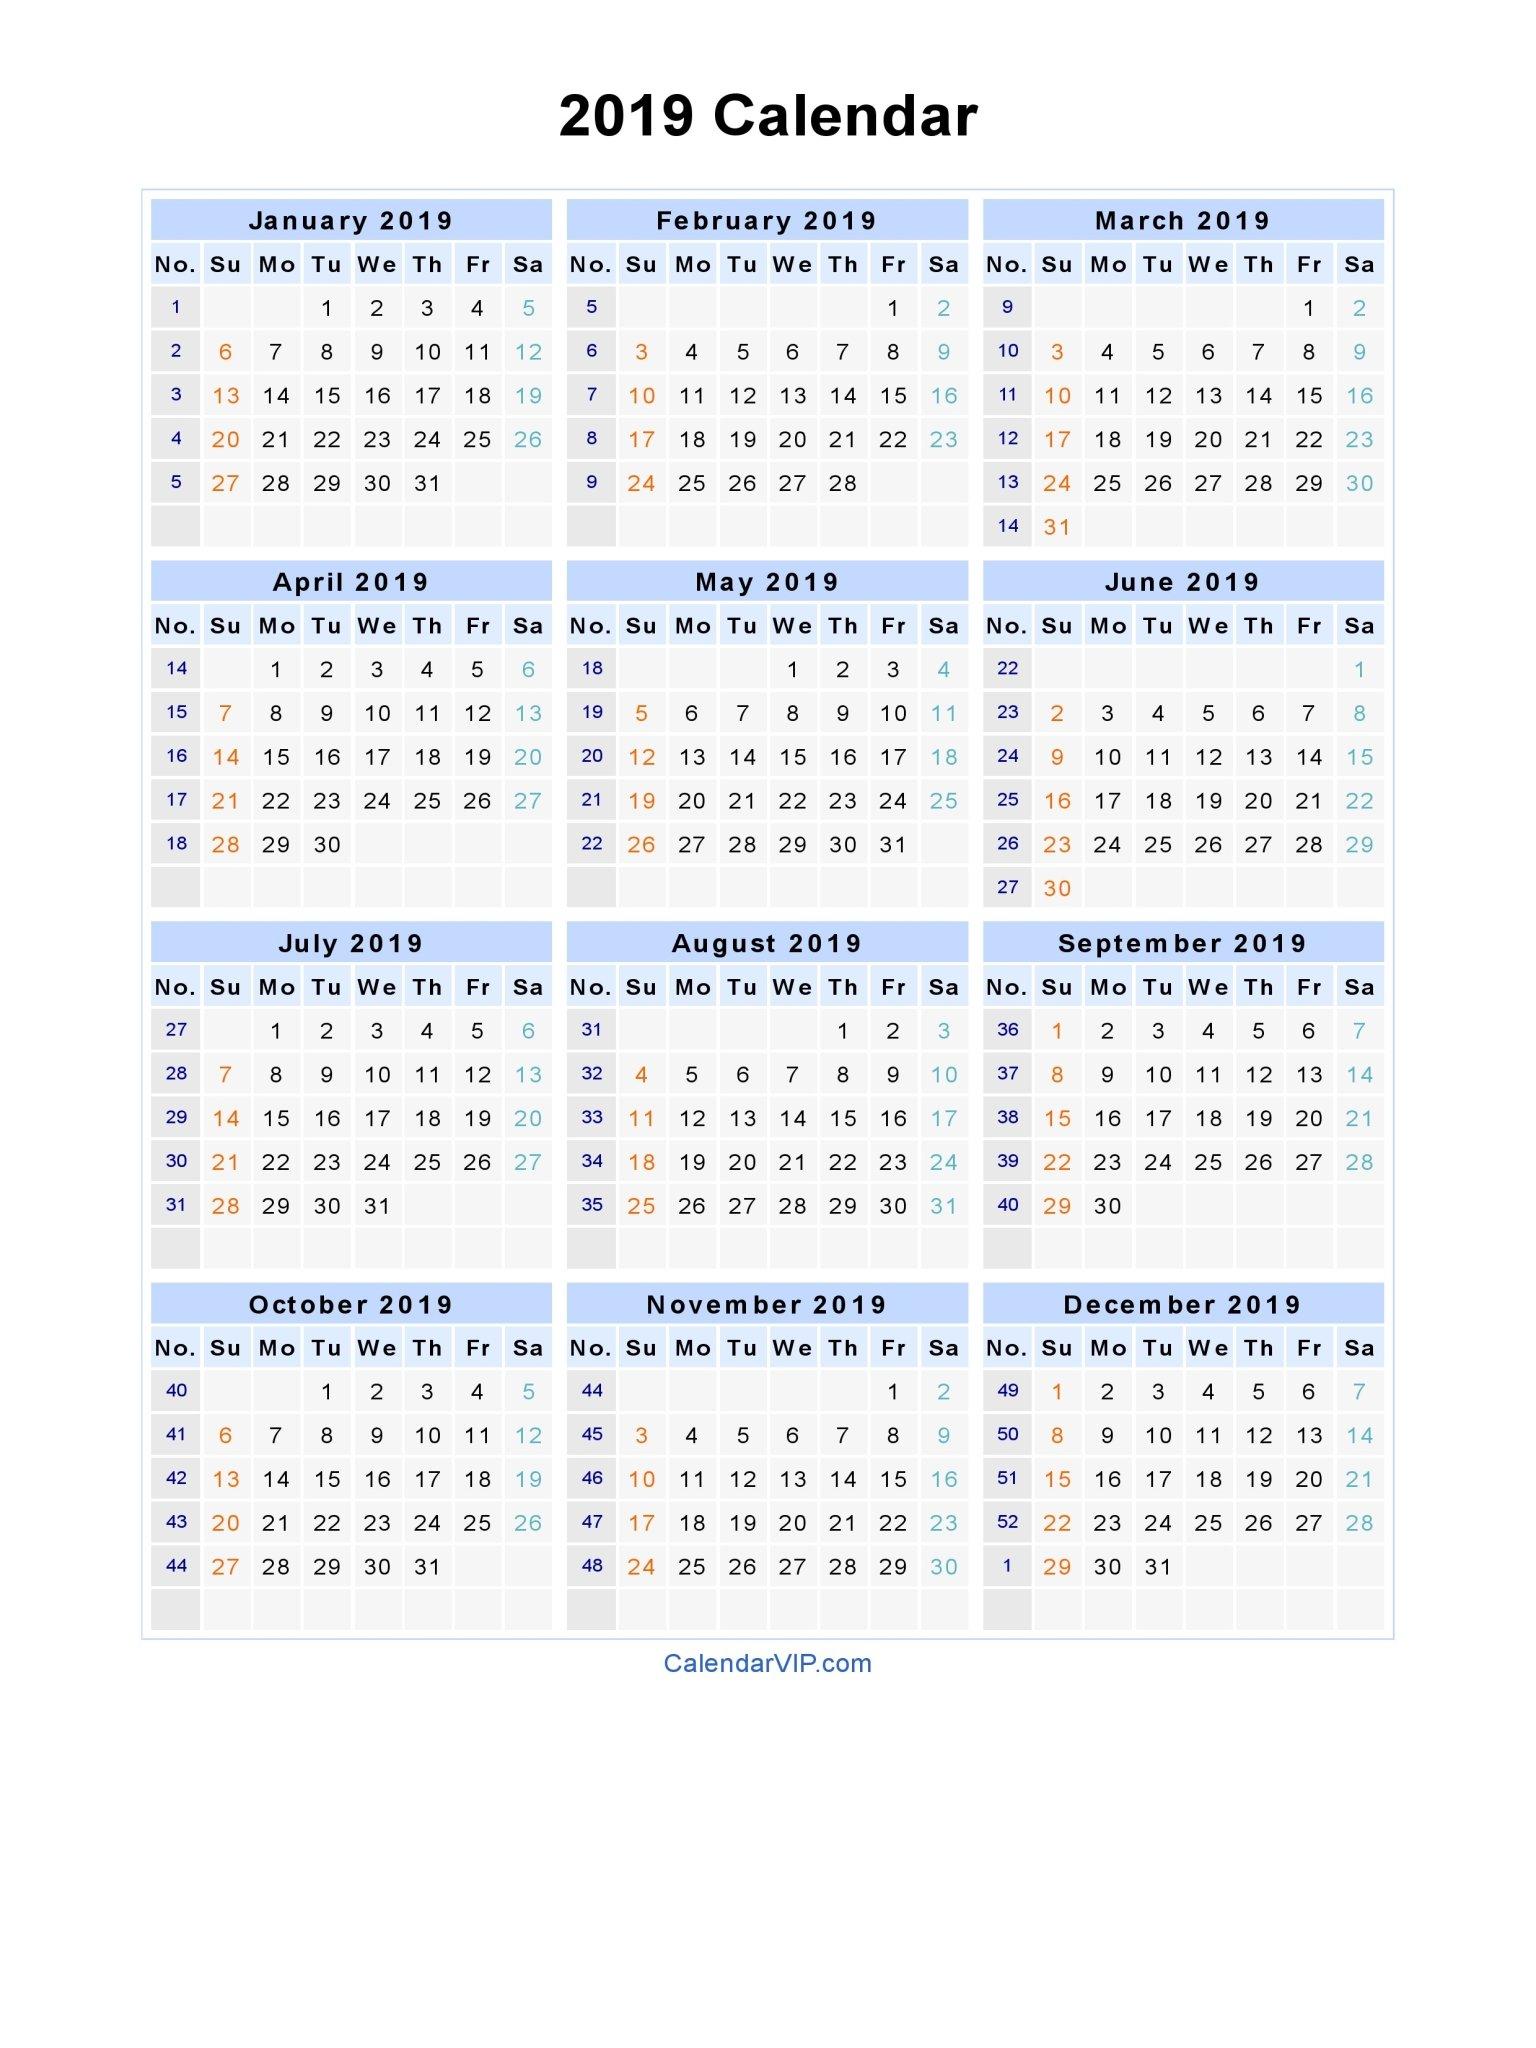 2019 Calendar – Blank Printable Calendar Template In Pdf Word Excel Calendar 2019 Excel With Week Numbers